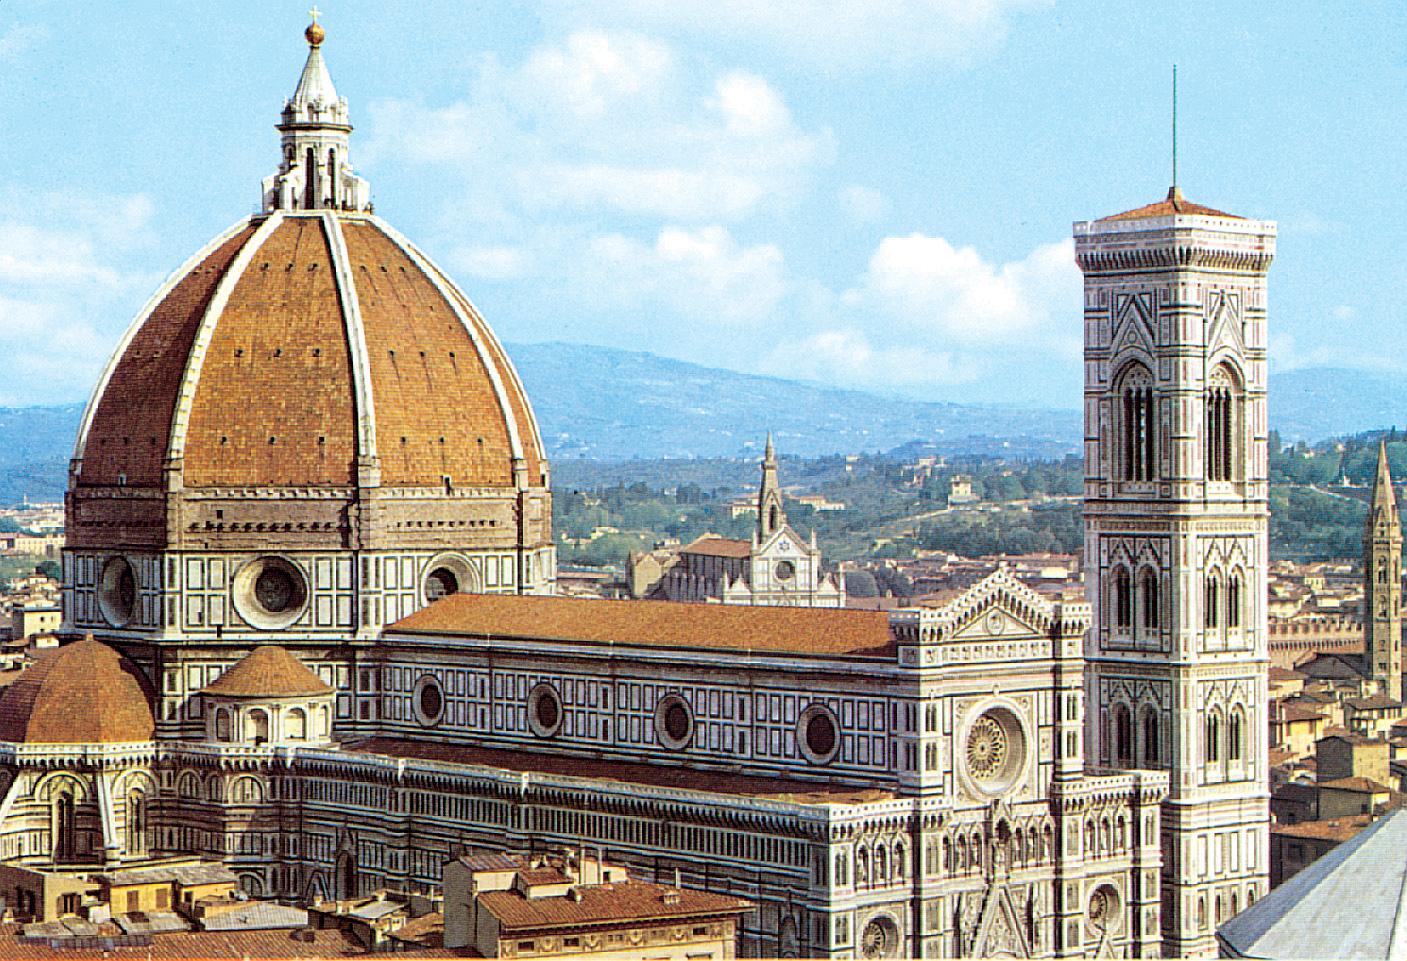 Itálie - Florencie - dóm, jeden ze skvostů středověké architektury, 1296-1468, několik architektů včetně Giotta